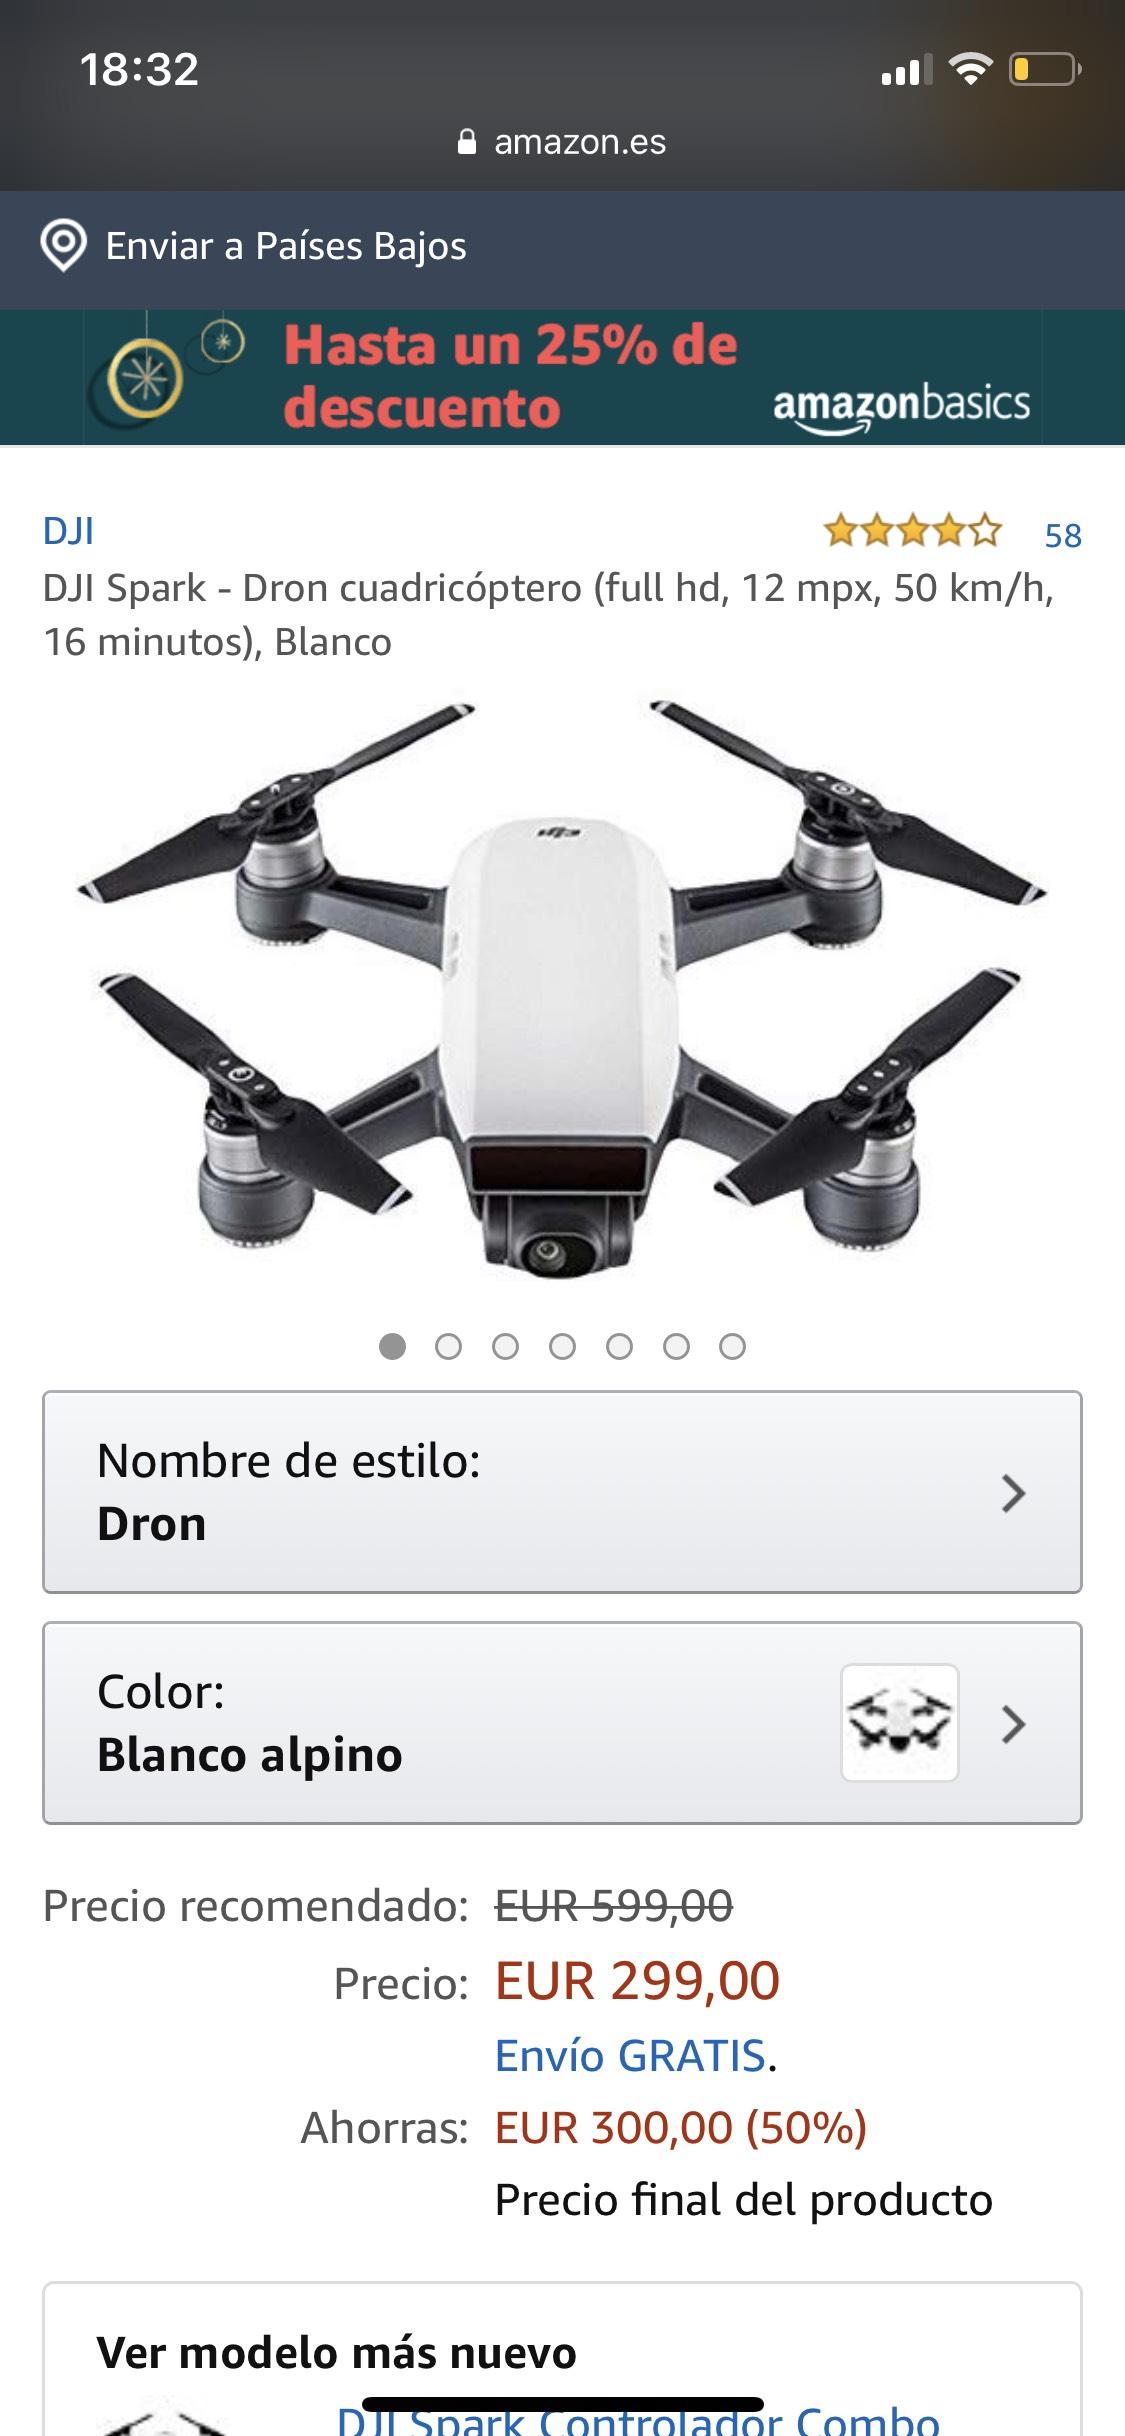 [Drone] DJI SPARK - 12 mpx, 50 km/h, full HD